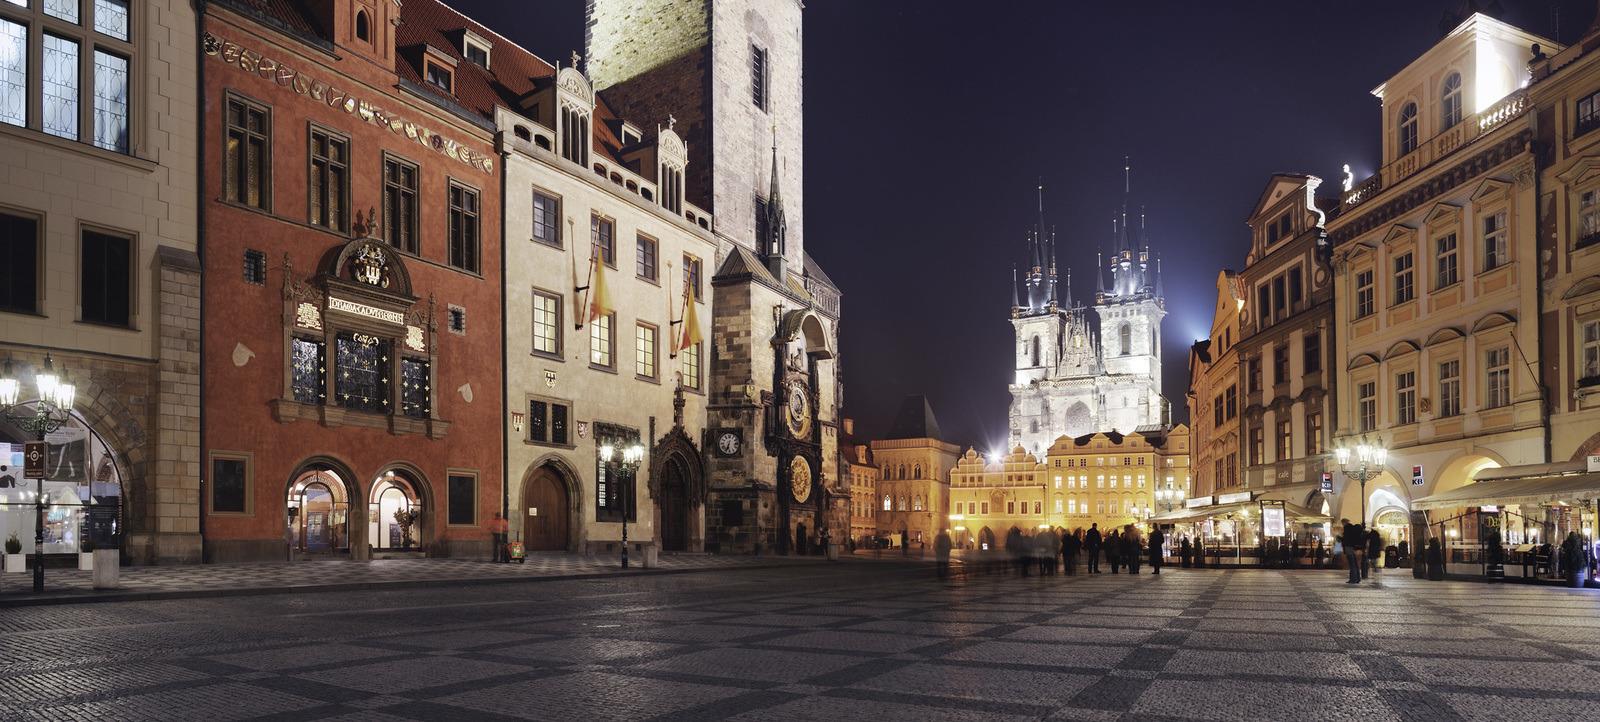 Grand Hotel Praha in Prague